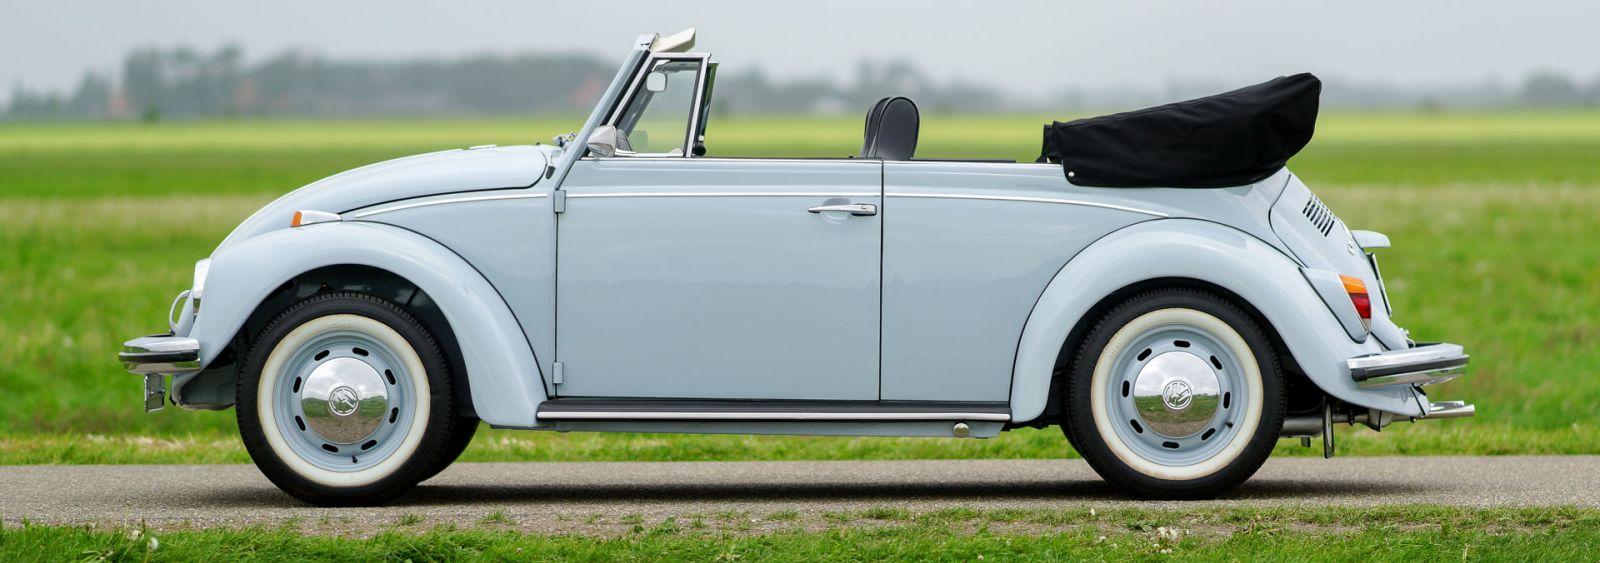 vw beetle 1500 cabriolet 1970 classicargarage de. Black Bedroom Furniture Sets. Home Design Ideas